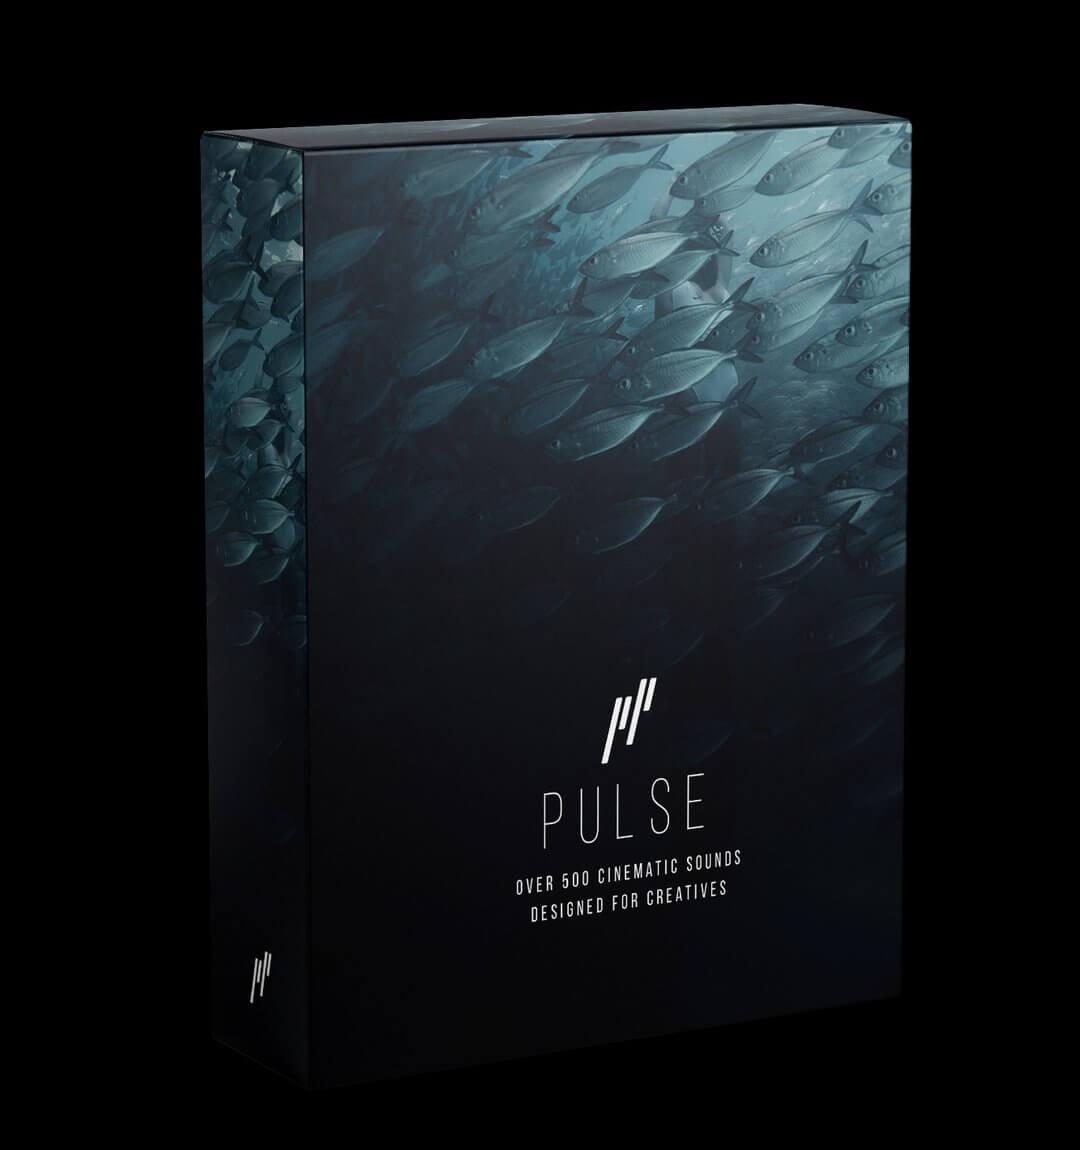 音效素材 510个沉浸式视觉叙事运动撞击过渡增强环境氛围音效